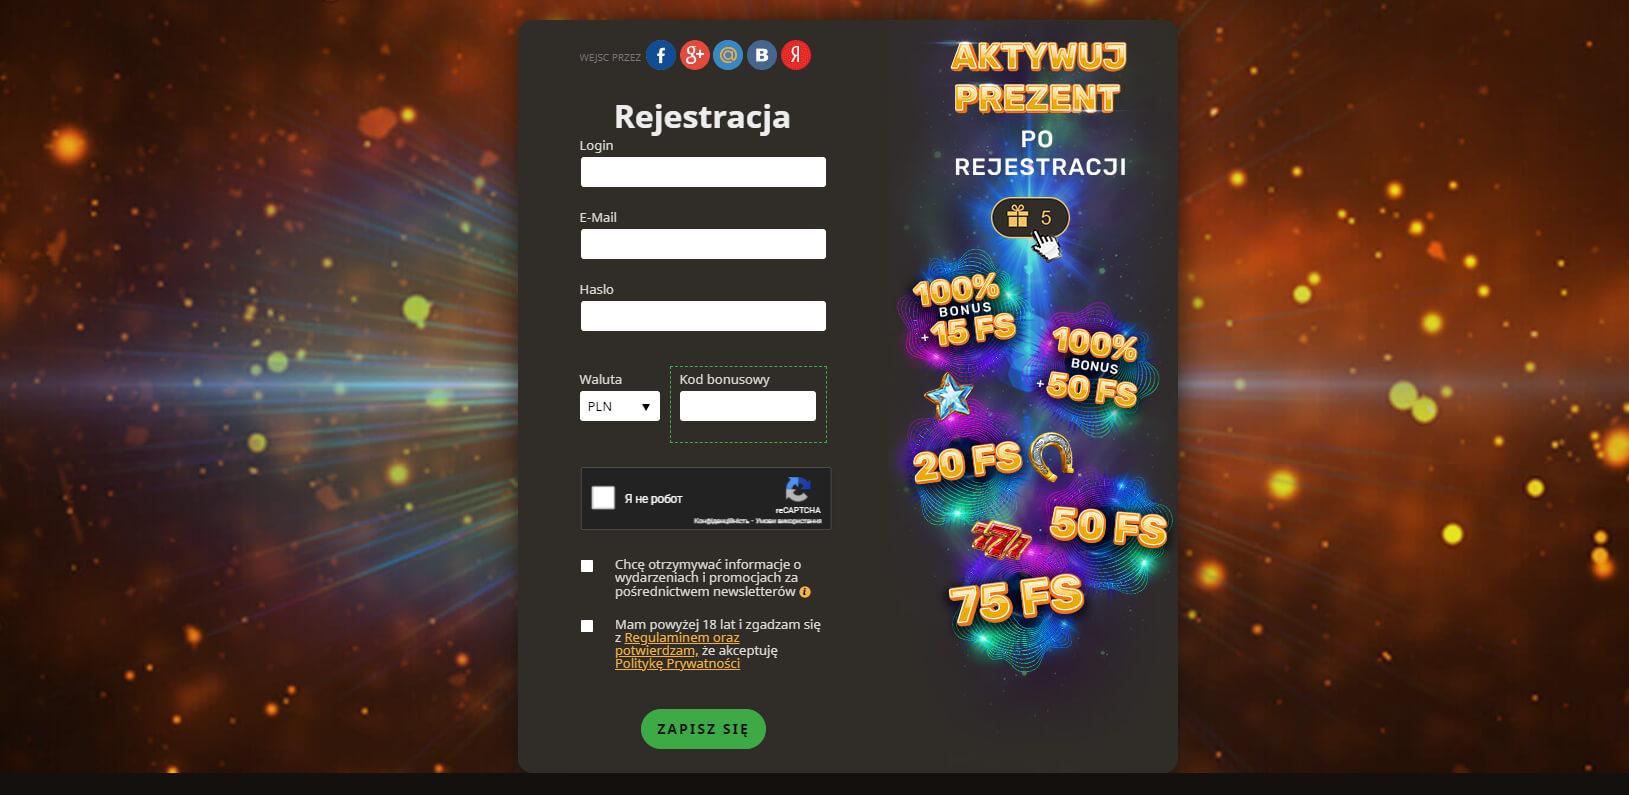 olayfortuna casino rejestracja i logowanie screenshot